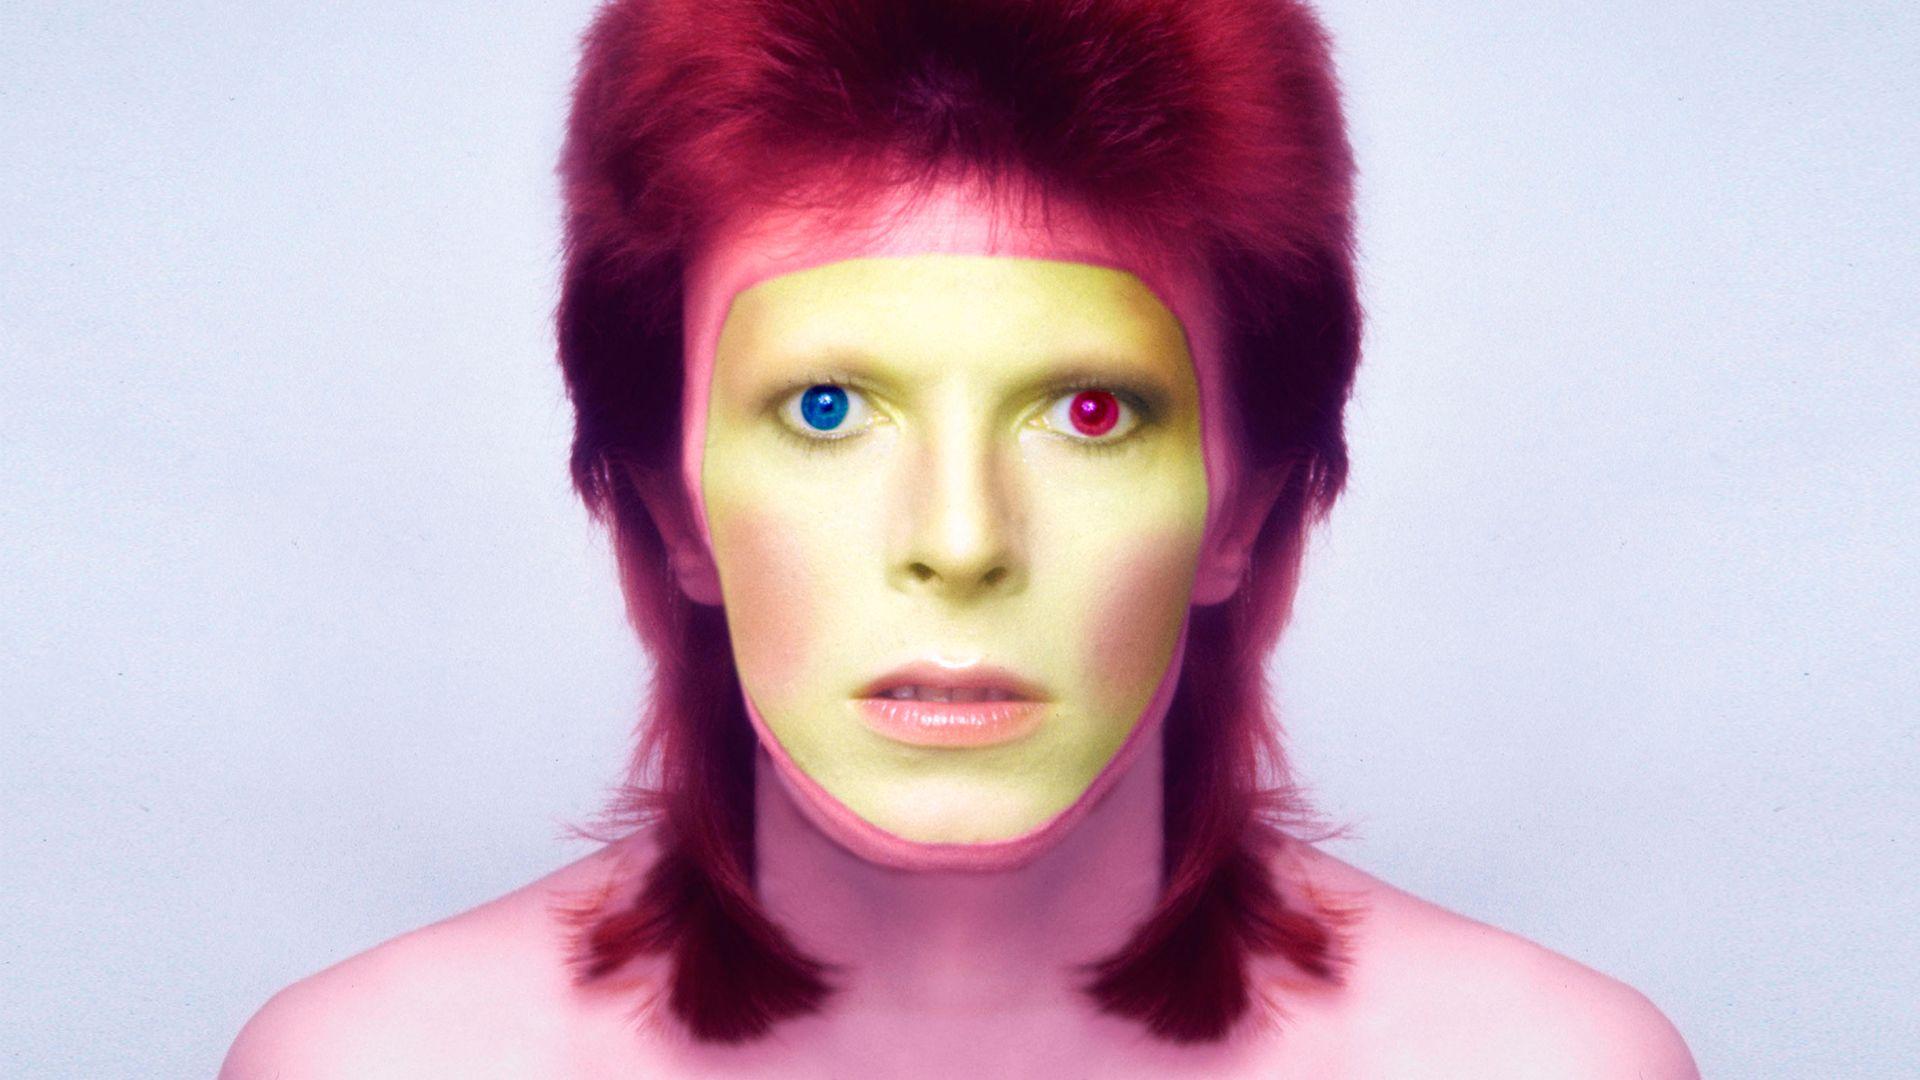 David Bowie 1973-ban, a fotó a Pin Ups albumhoz készült.